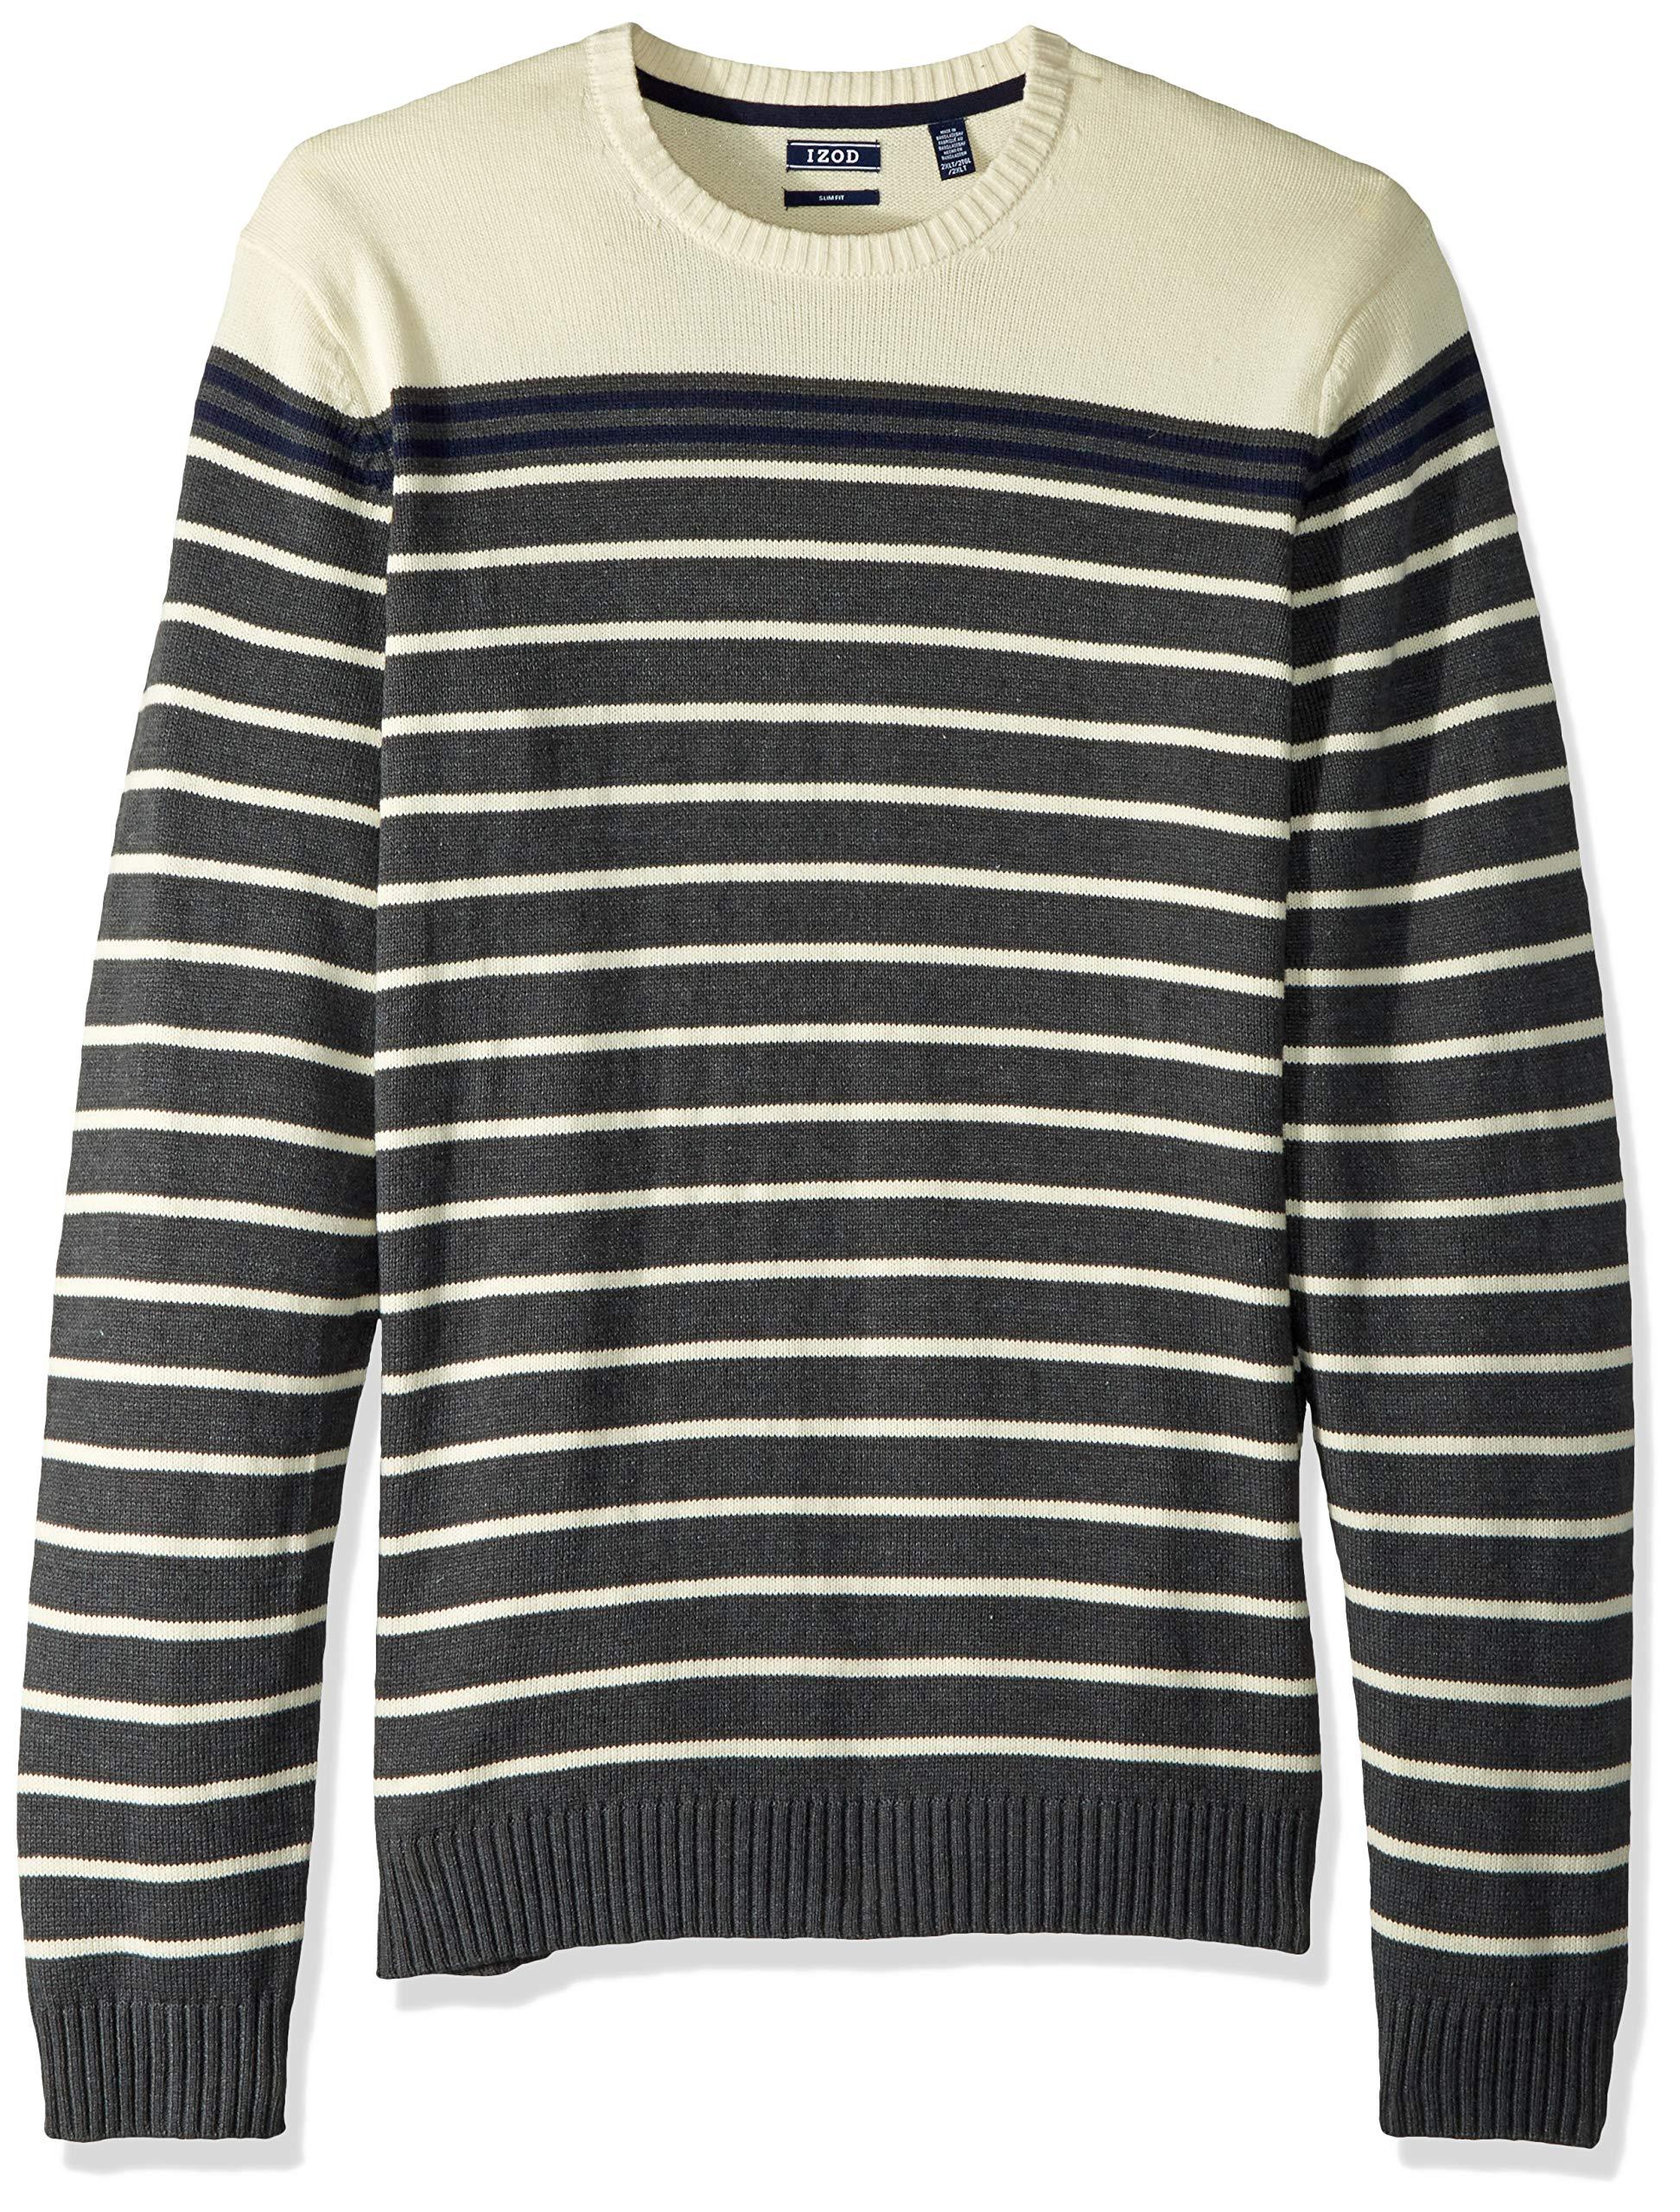 IZOD Men's Big Slim Fit Stripe 7 Gauge Crewneck Sweater, Asphalt, Large Tall